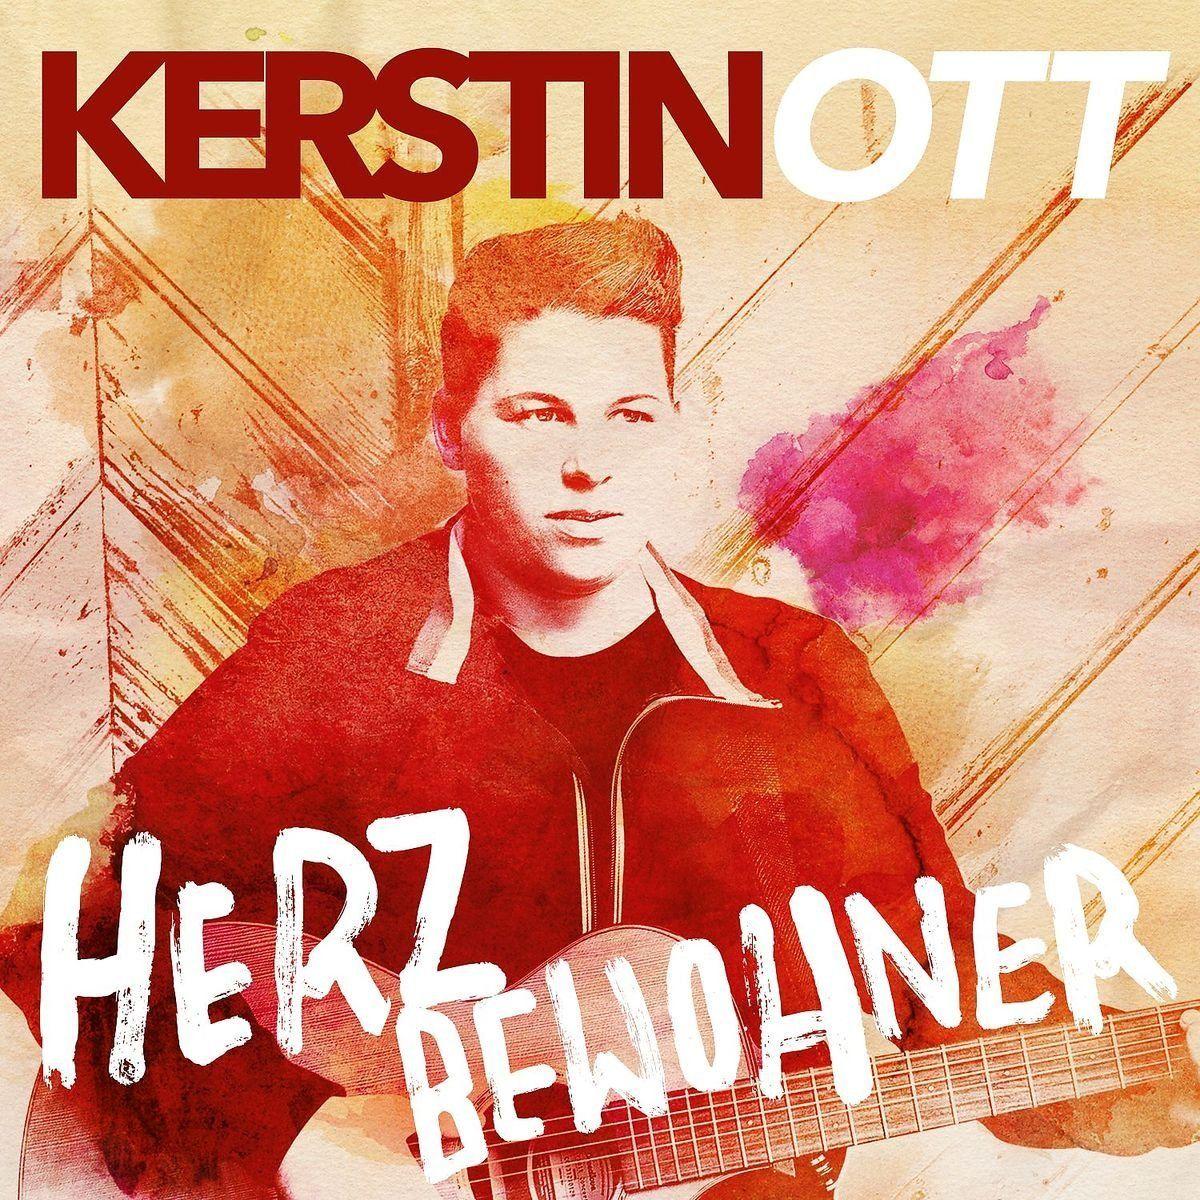 Kerstin Ott - Herzbewohner album cover